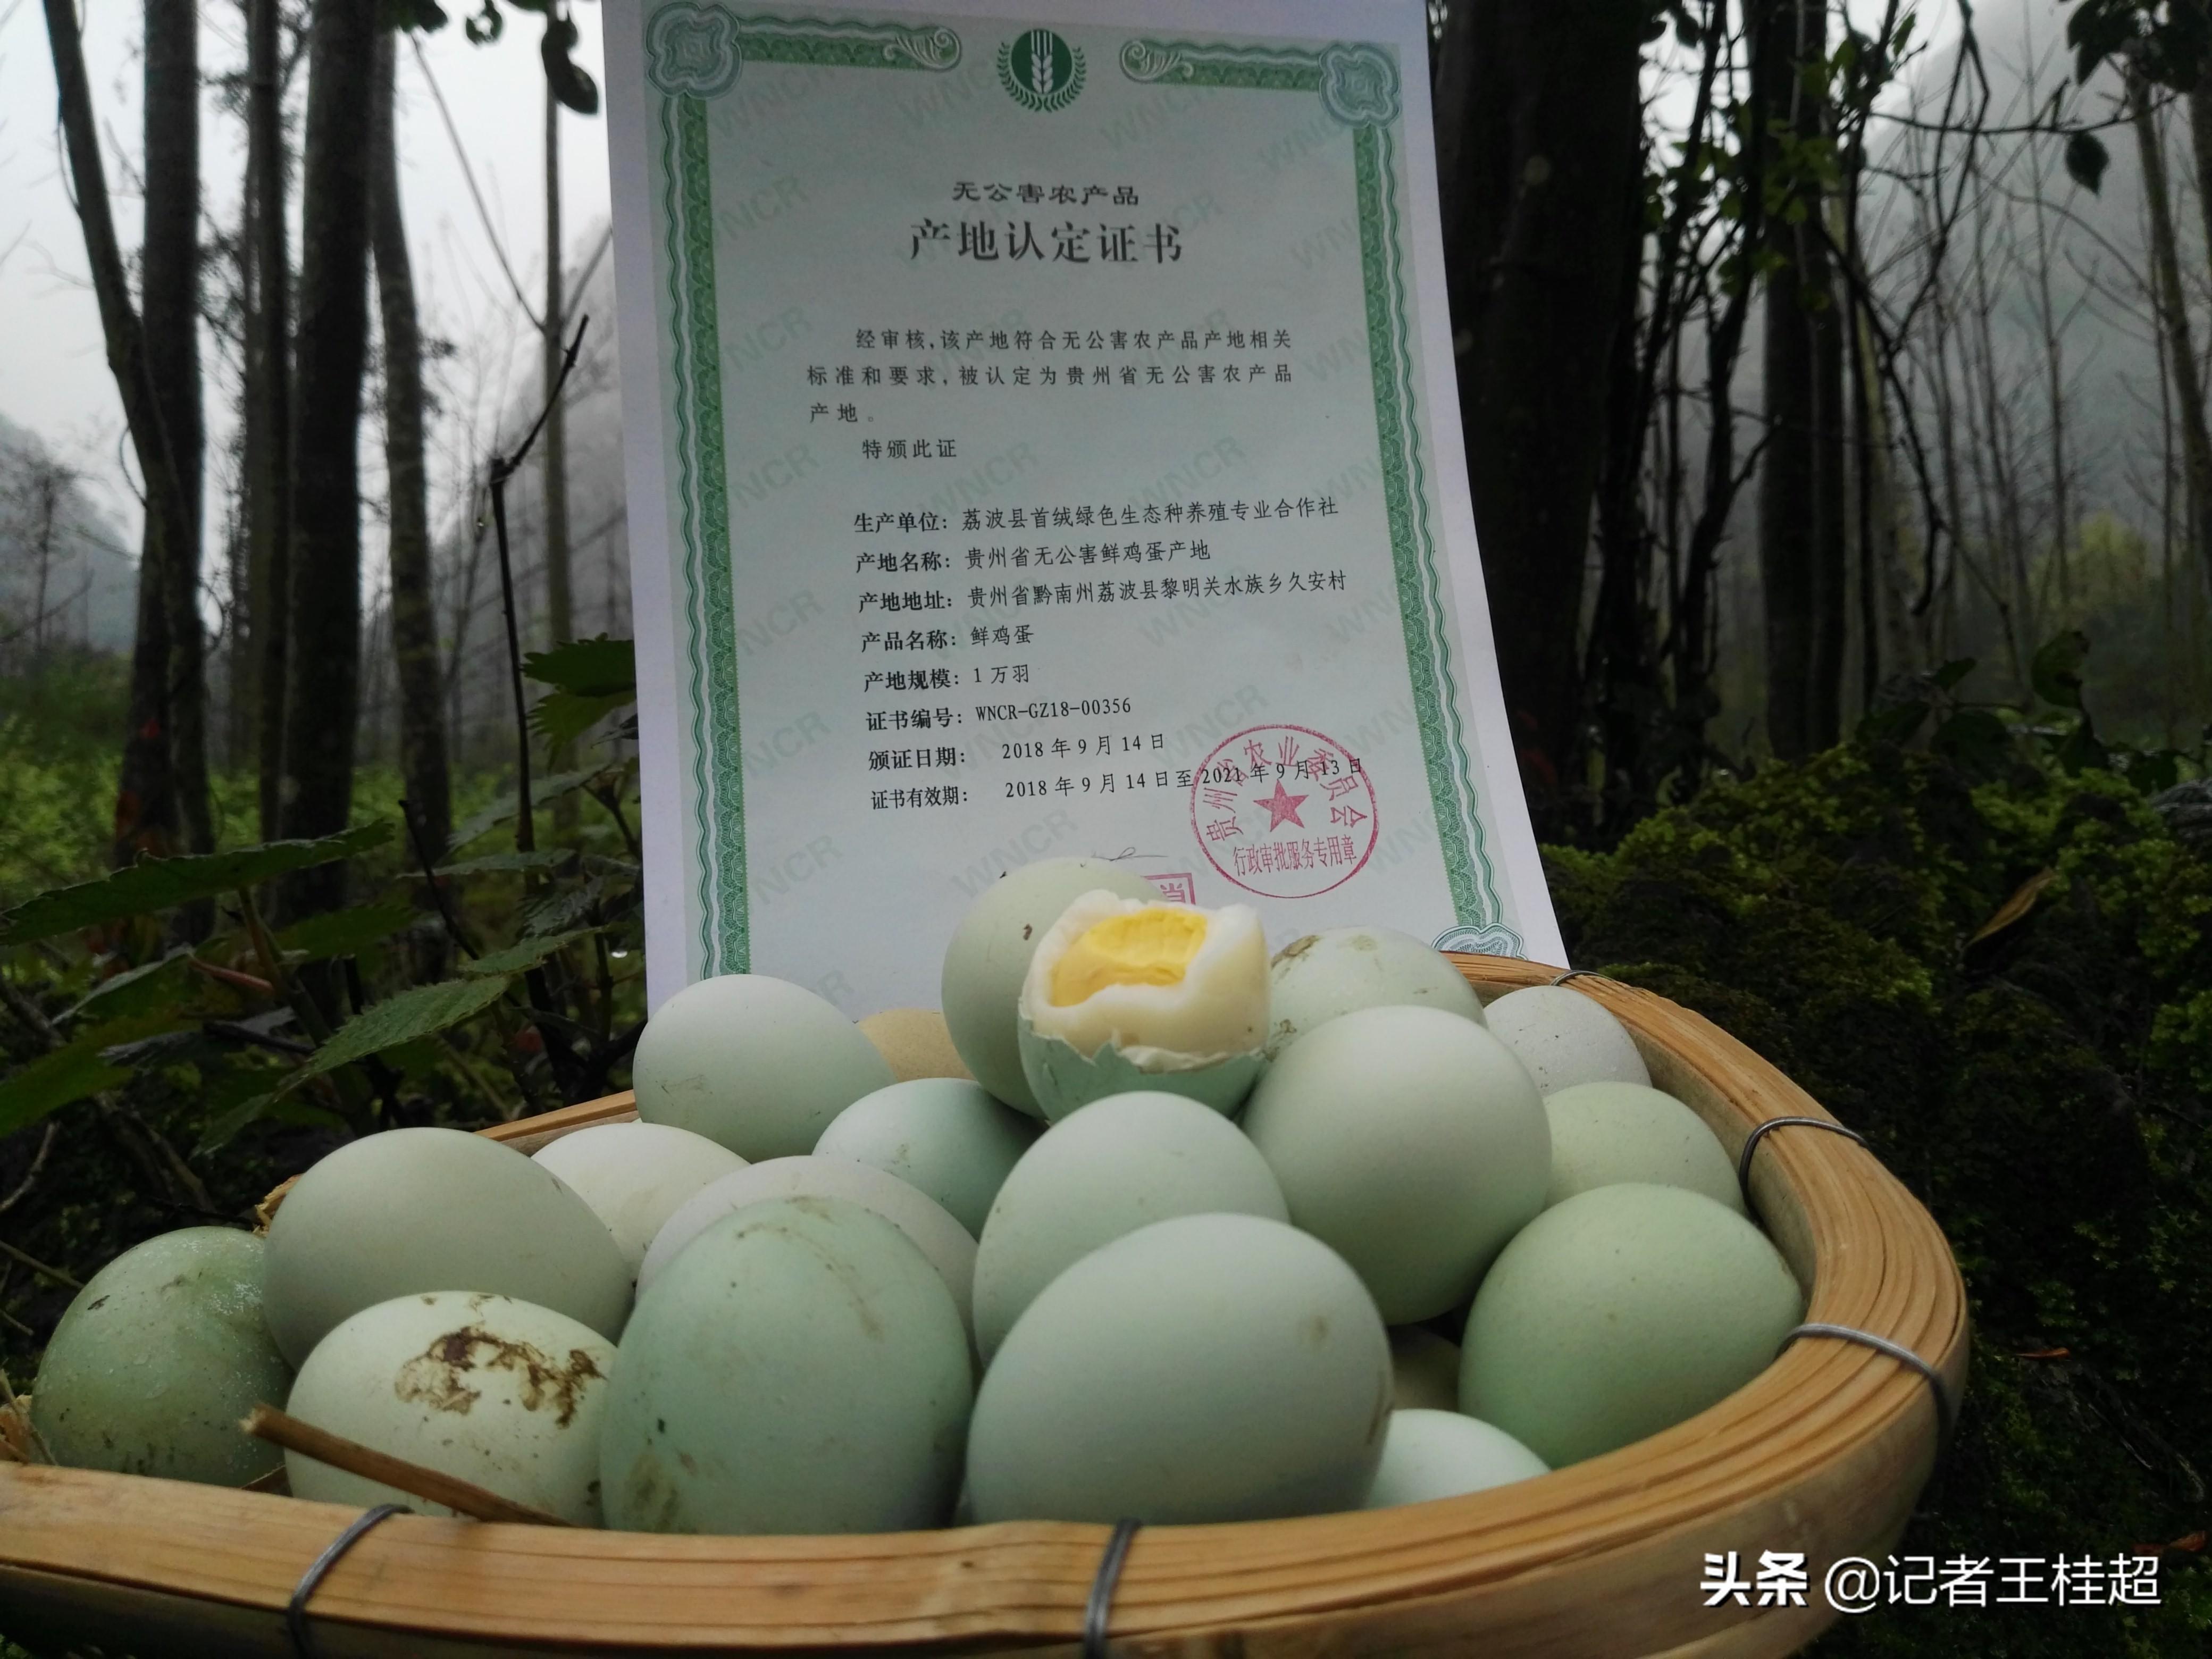 #山货上头条#【今日扶贫产品推荐:乌鸡蛋】